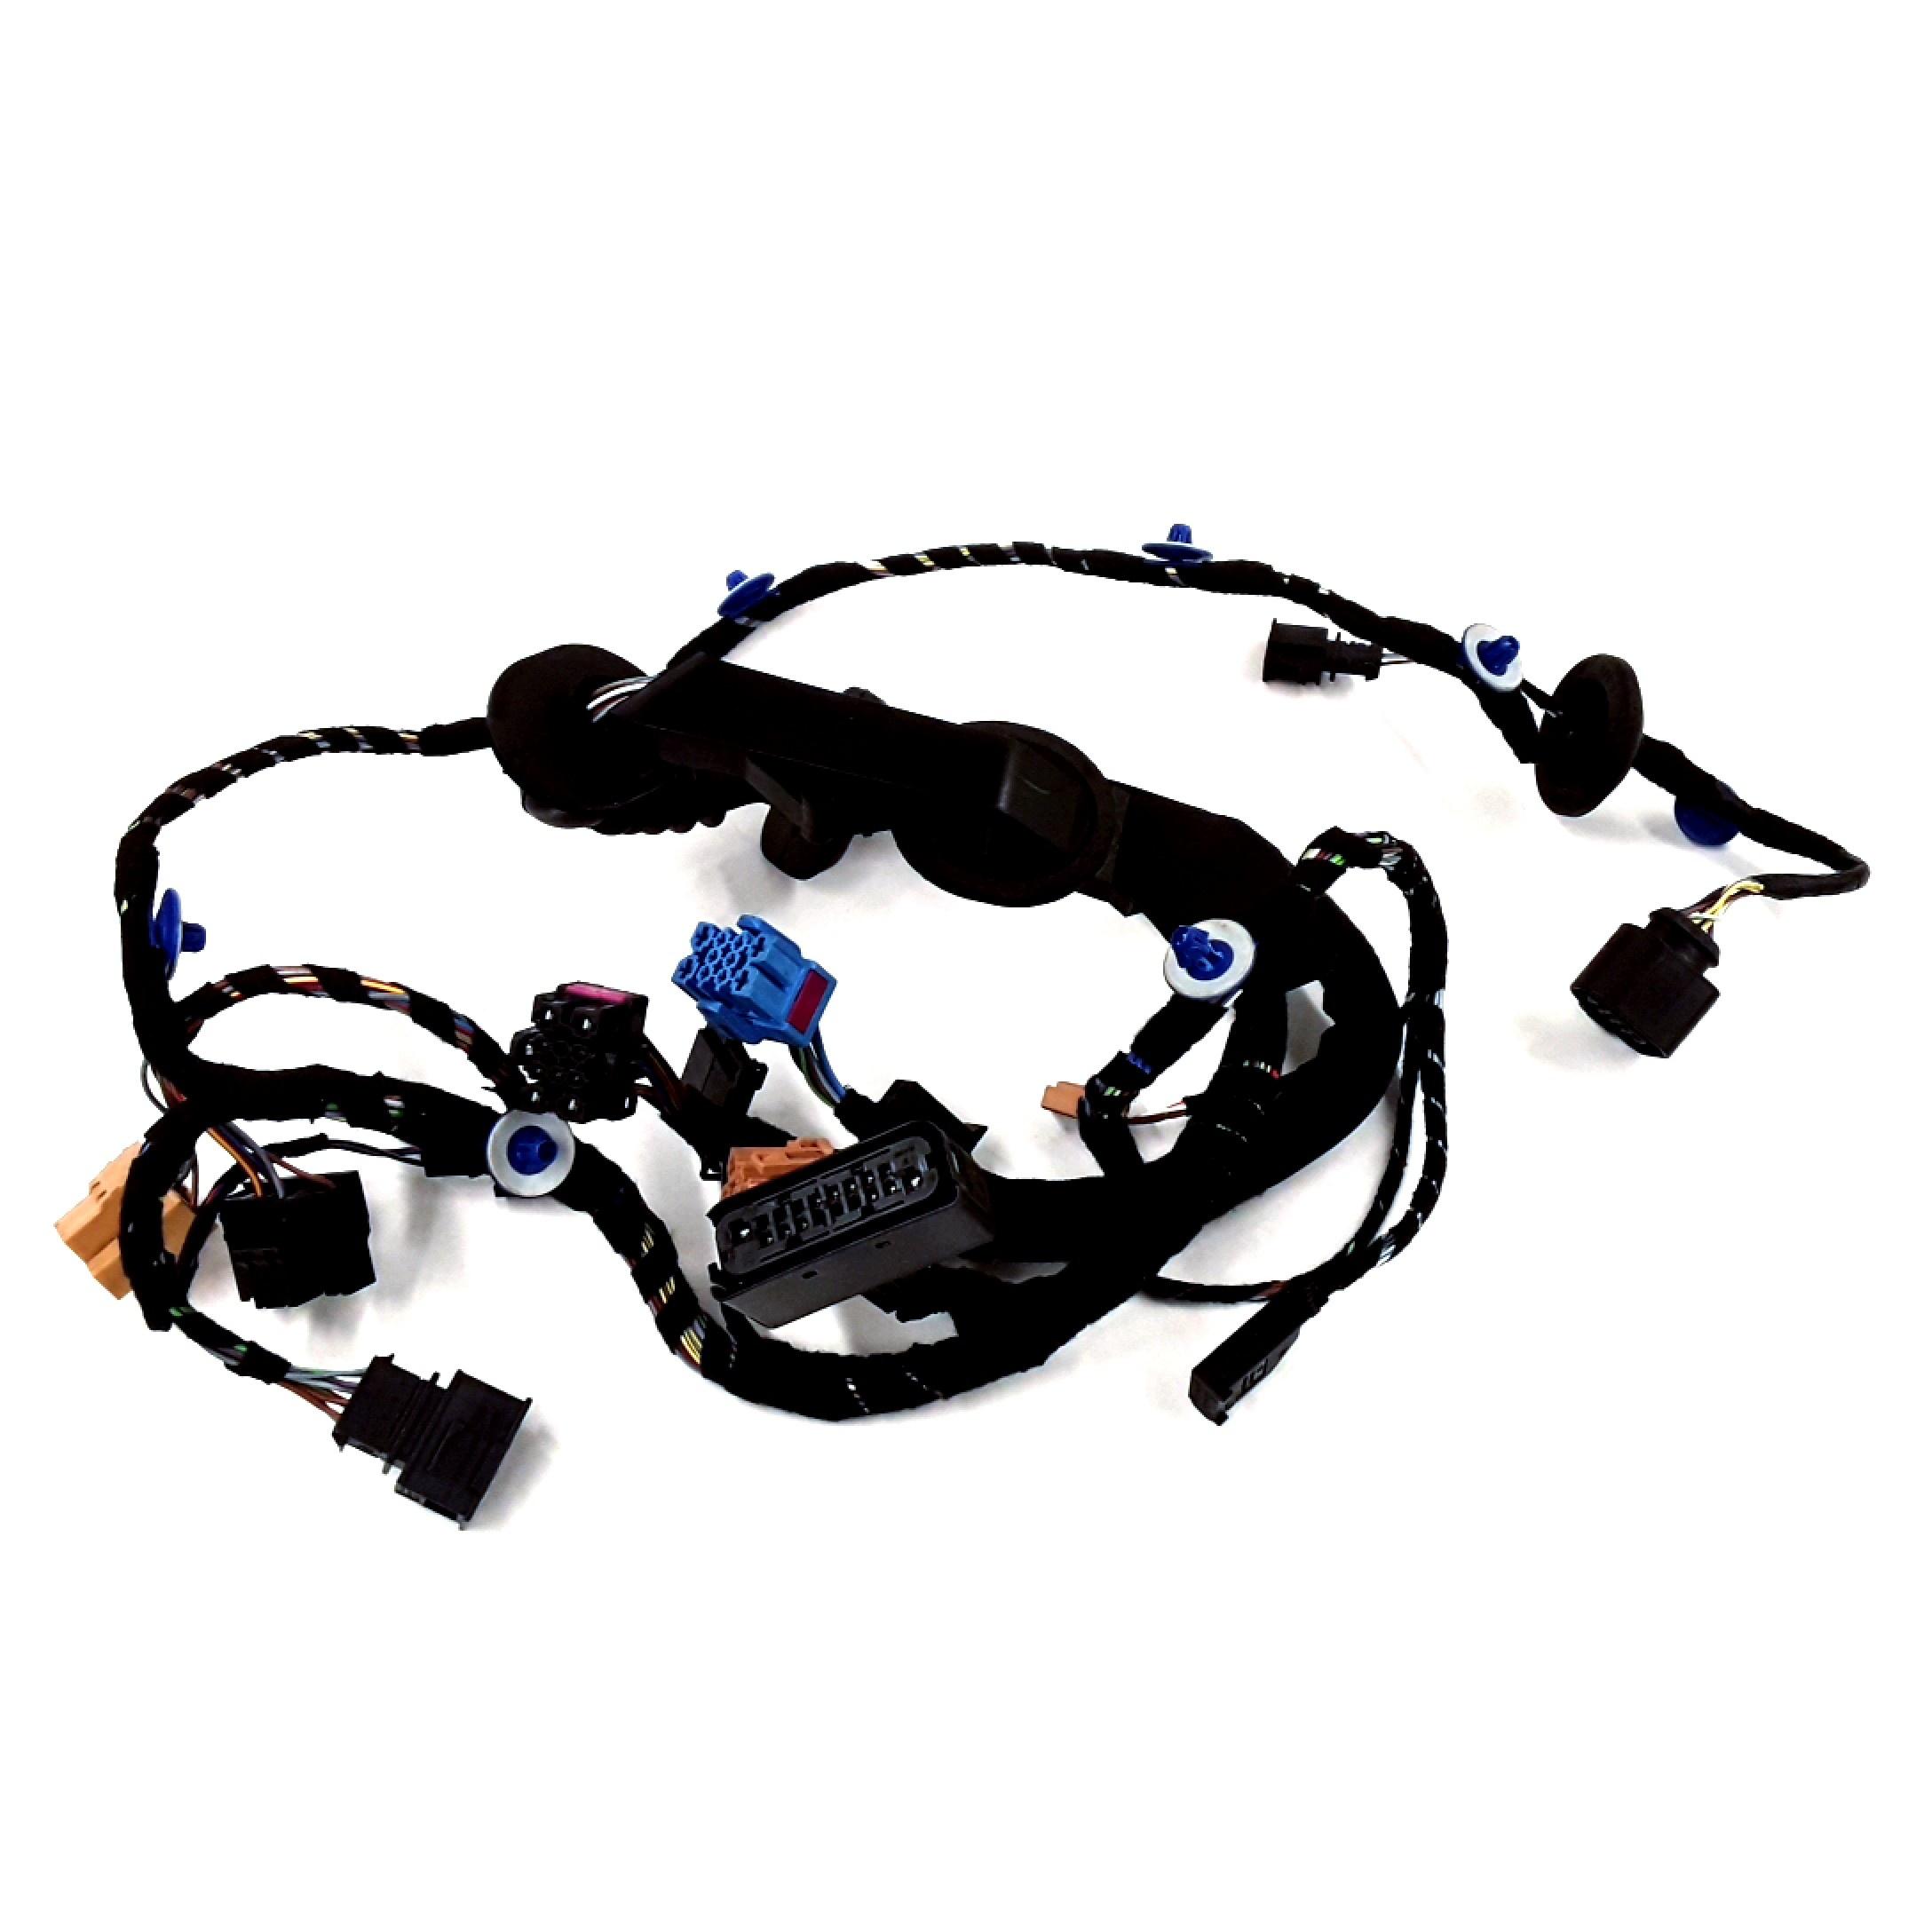 2009 volkswagen beetle door wiring harness coupe w power. Black Bedroom Furniture Sets. Home Design Ideas